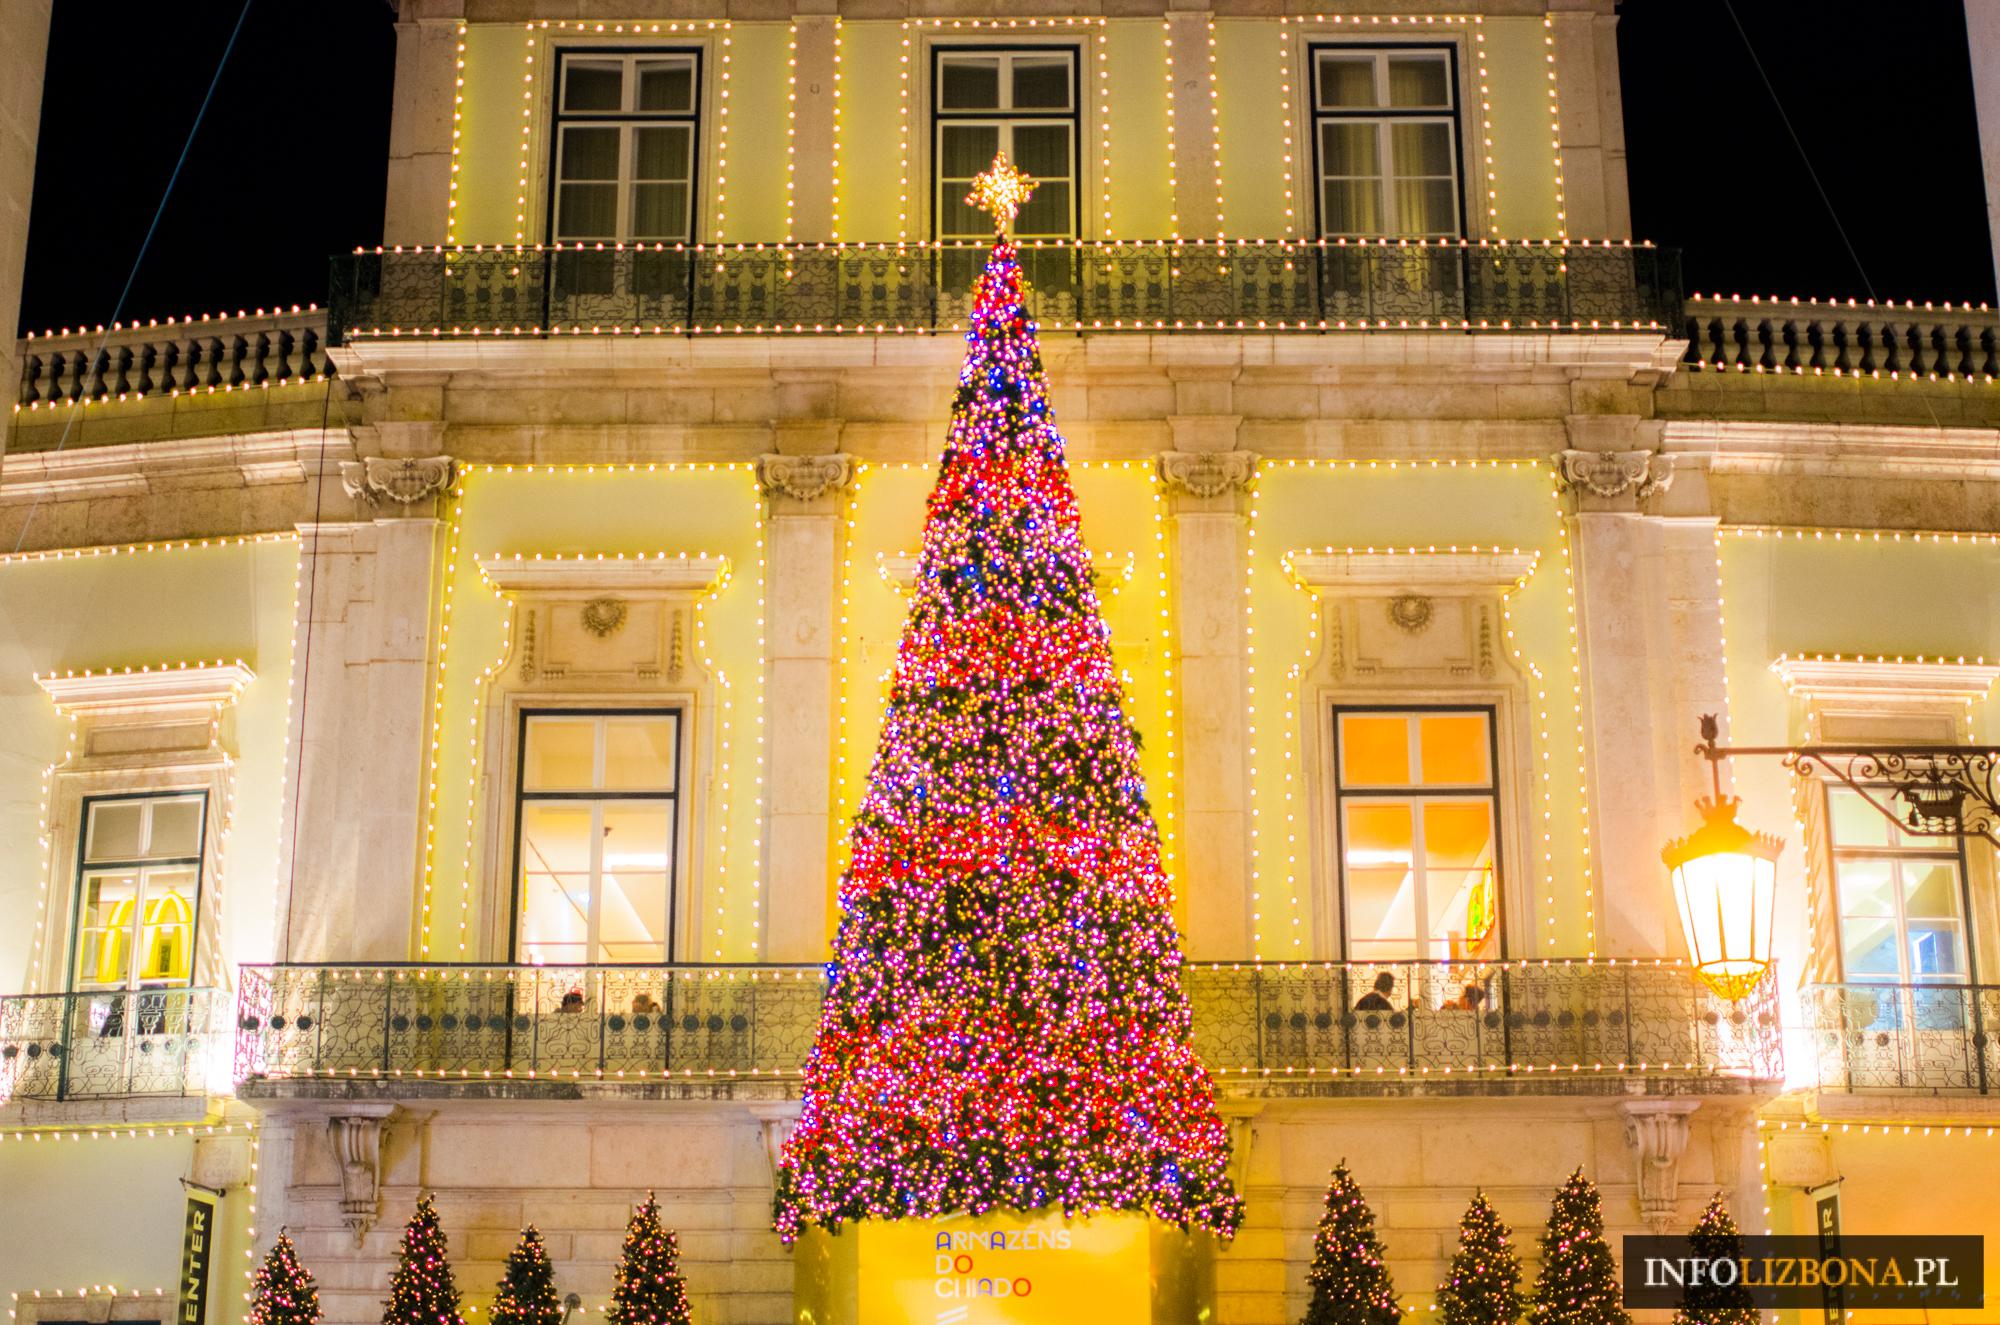 Lizbona Nowy Rok 2019 Boże Narodzenie 2018 Przewodnik po Świętach Życzenia Portugalskie Wesołych Świąt Kartka z Lizbony